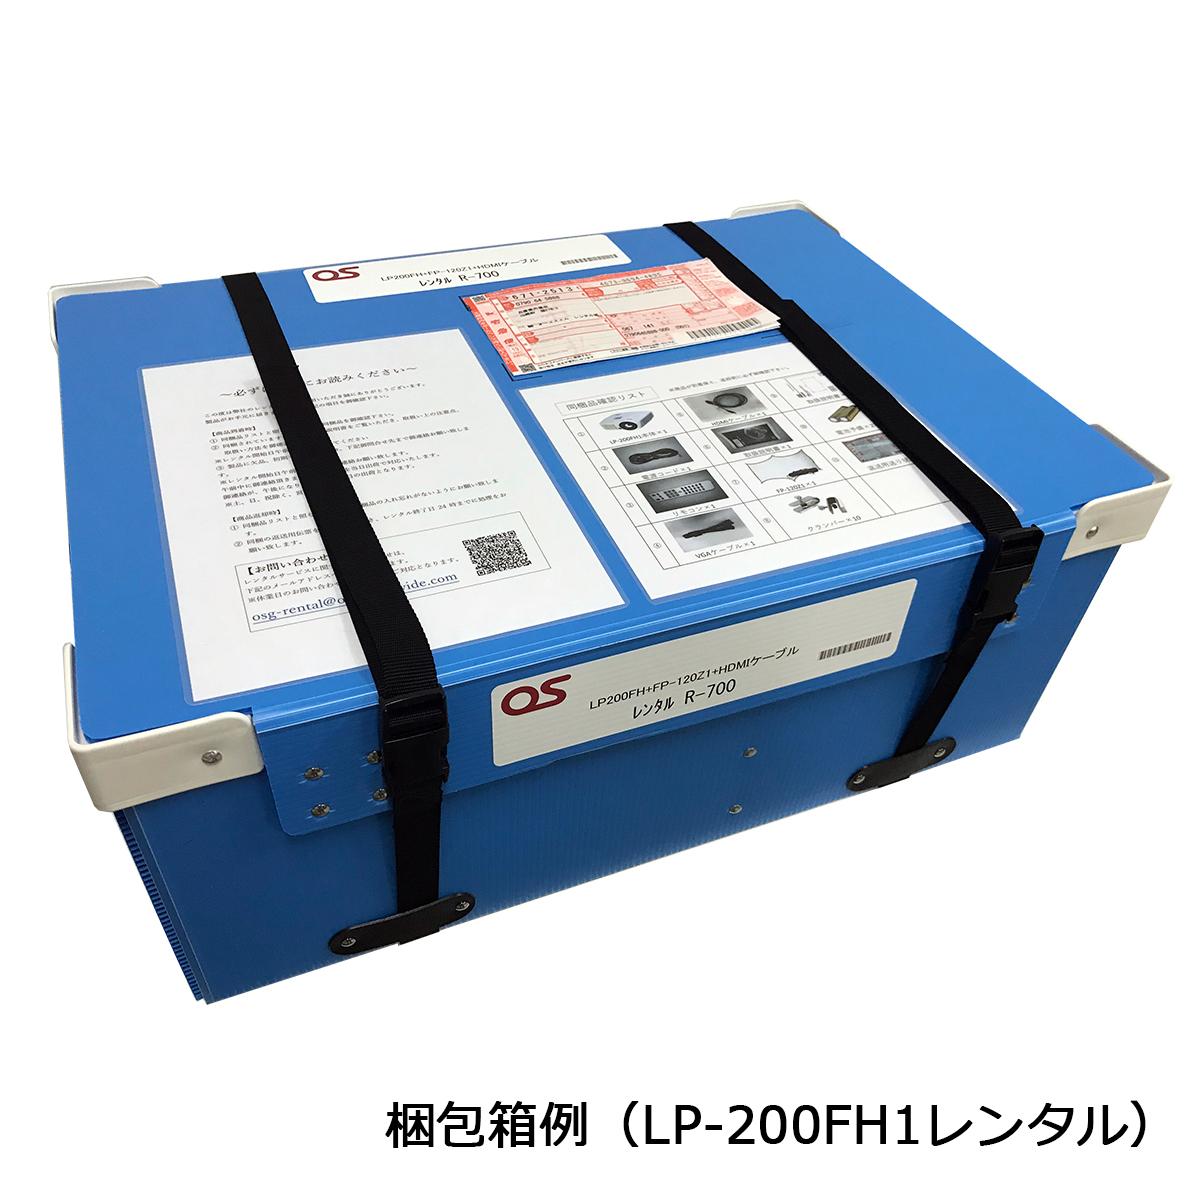 【2泊3日レンタル:20,548円〜】超短焦点 4K UHD HDR対応 レーザー DLPプロジェクター Optoma オプトマ P1(120インチ伸縮スクリーン/HDMIケーブル付)